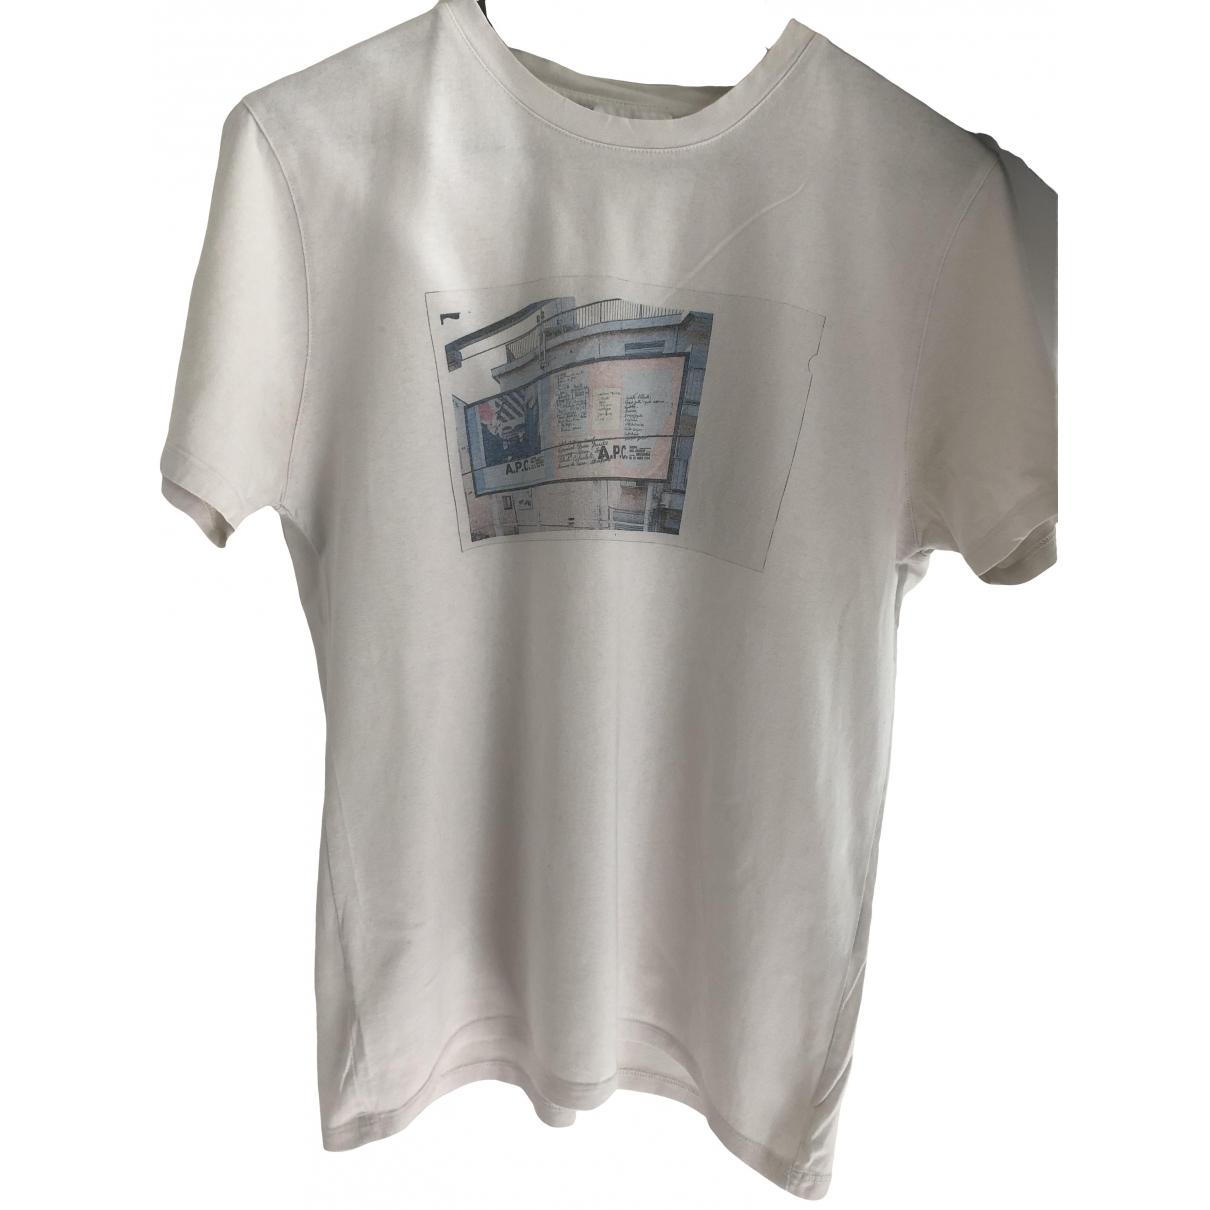 Apc \N White Cotton T-shirts for Men XS International